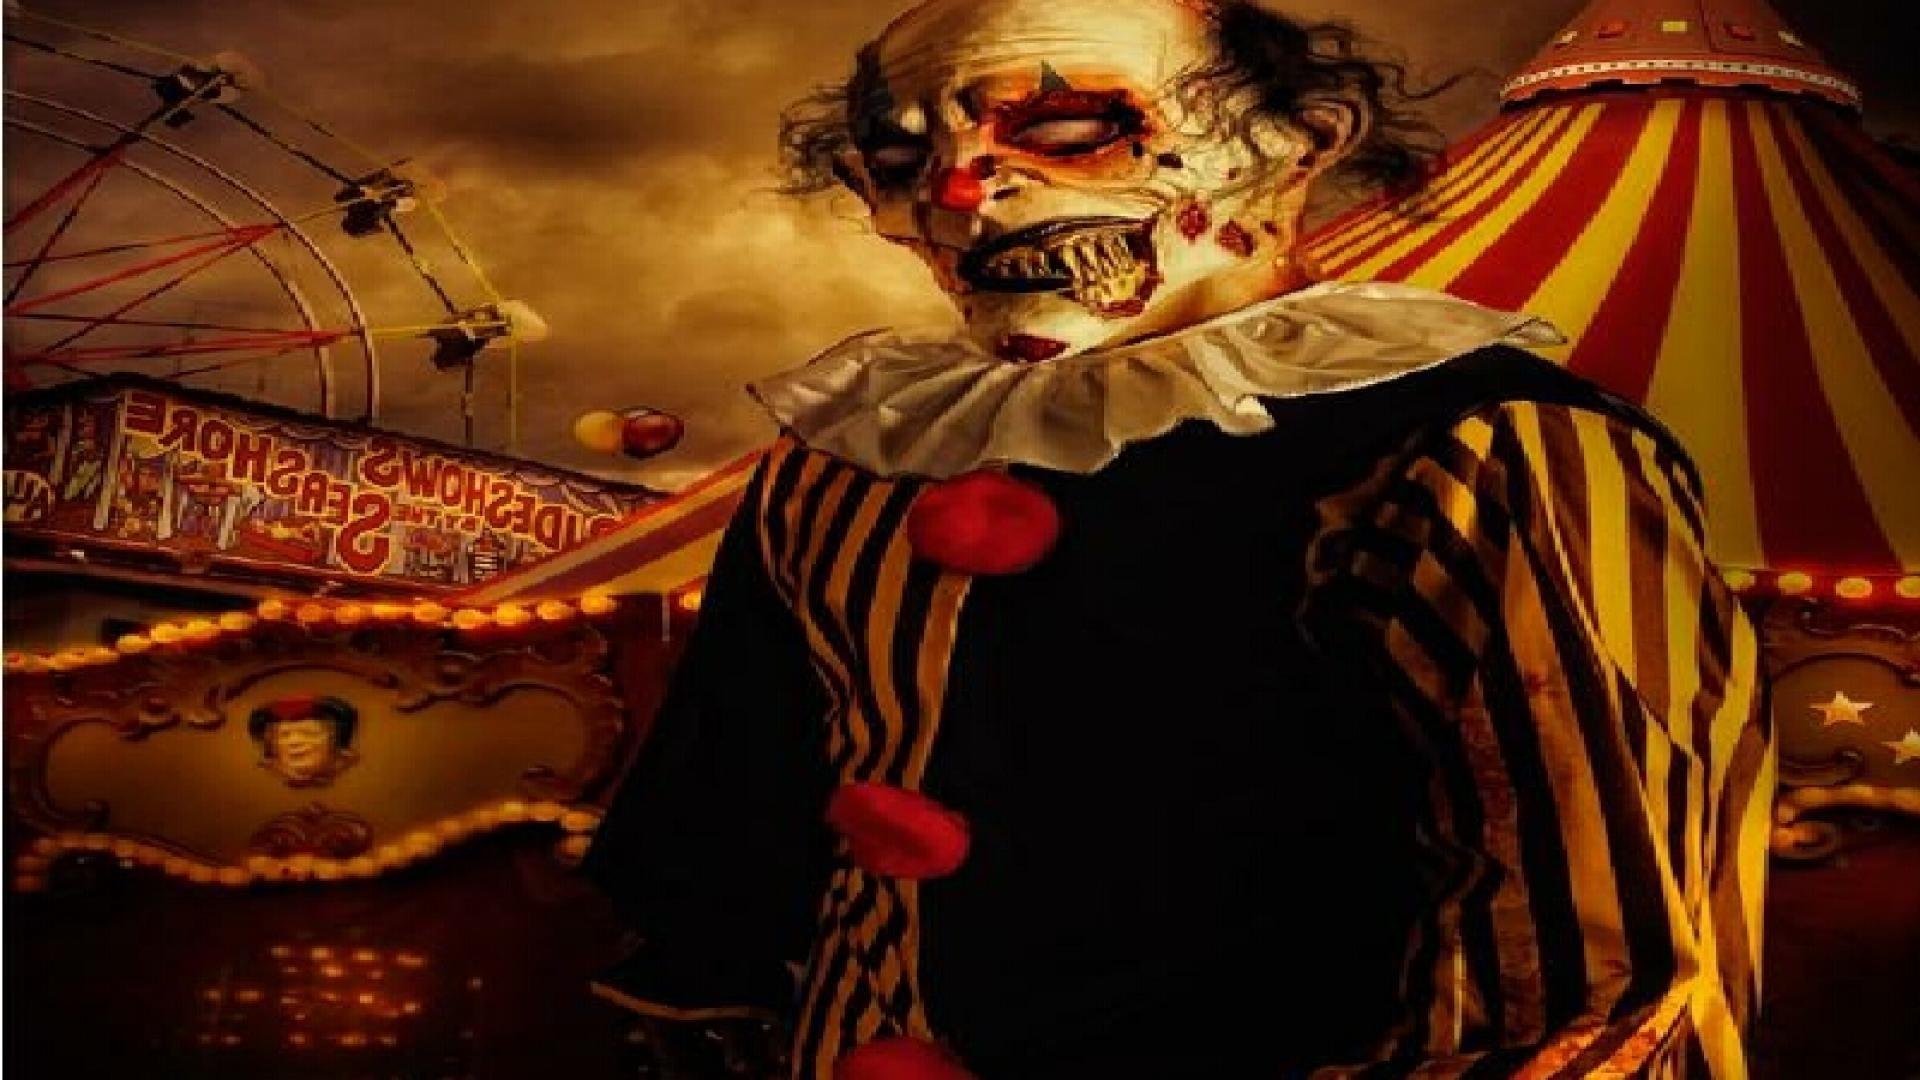 Creepy Clown Wallpaper ·① WallpaperTag